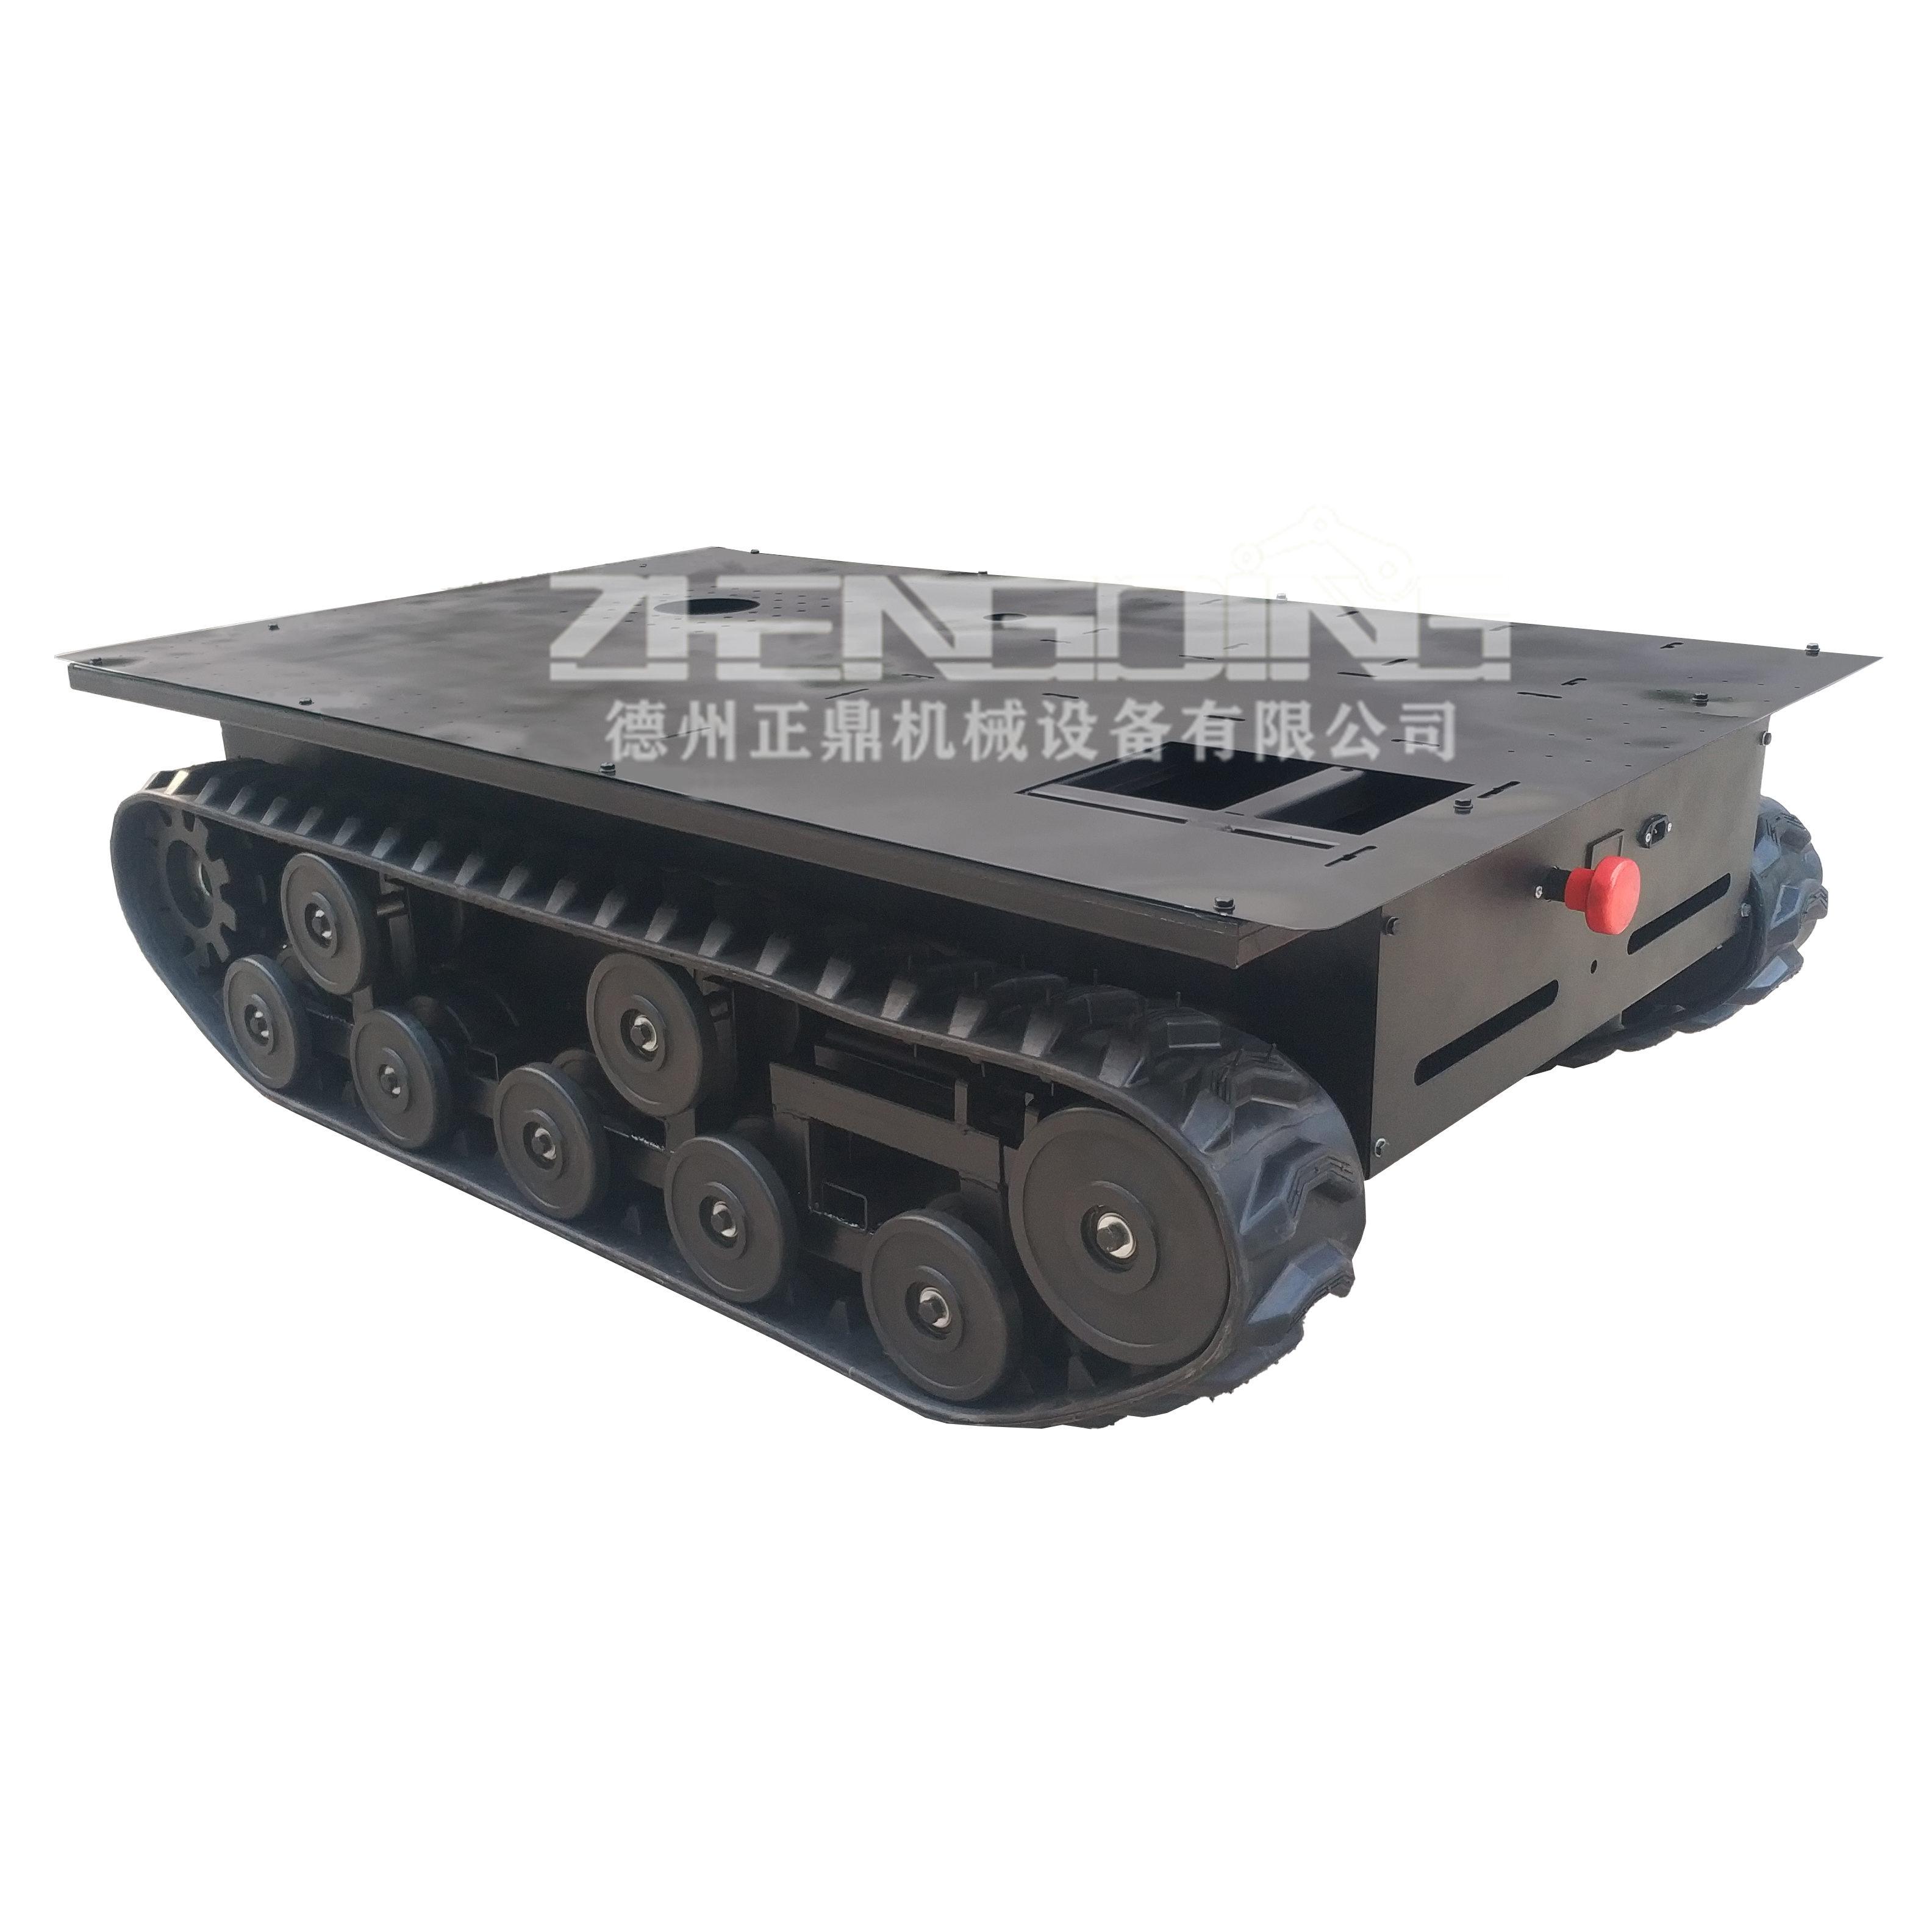 ZDDP-ZKY-150橡胶履带底盘